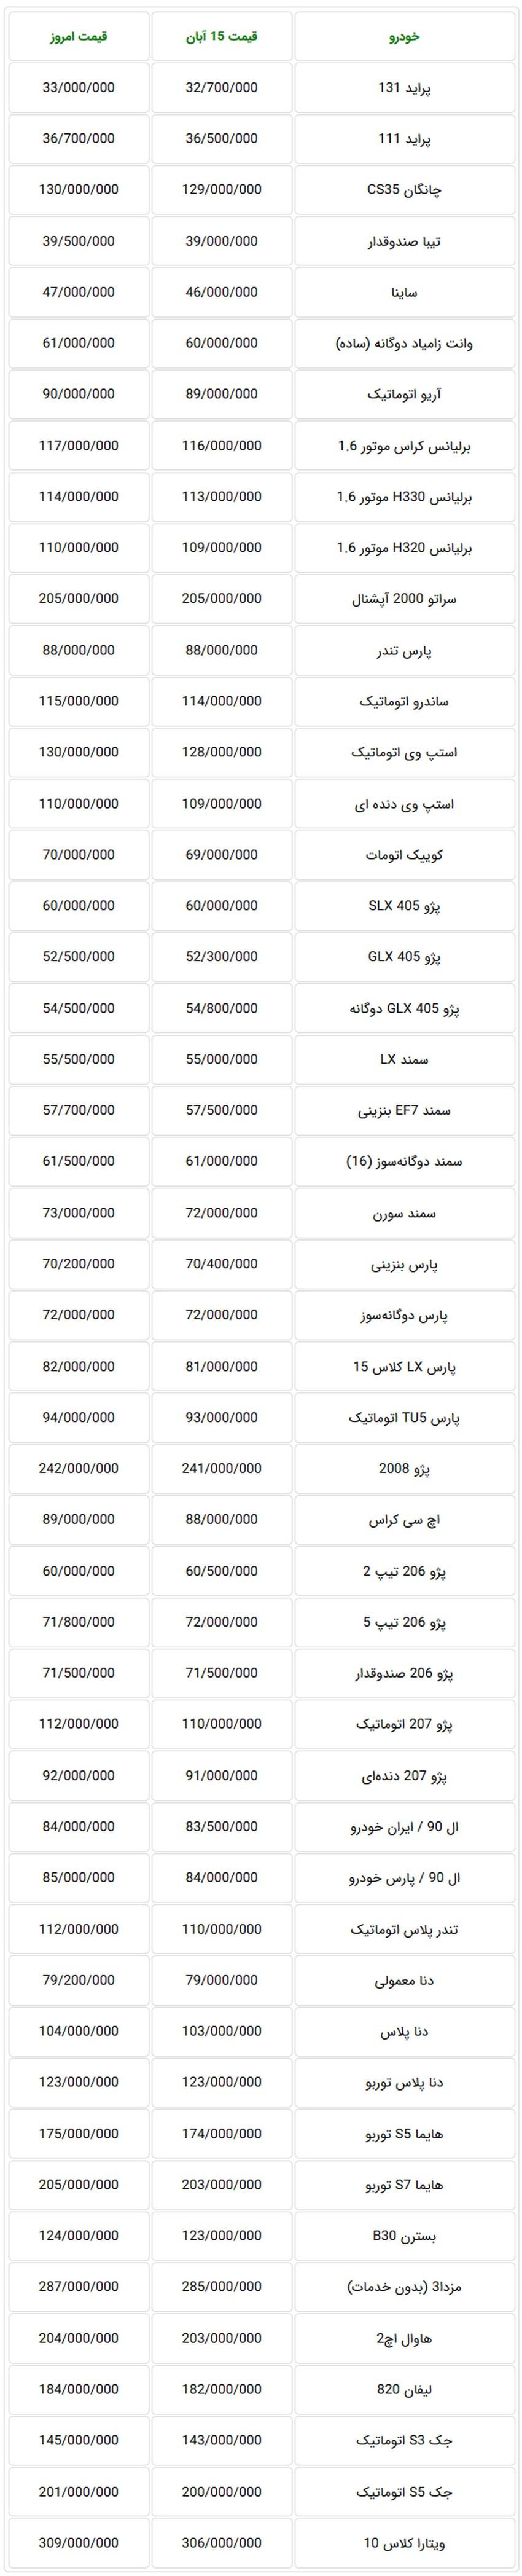 بازهم قیمت خودروهای داخلی در بازار افزایش یافت + جدول